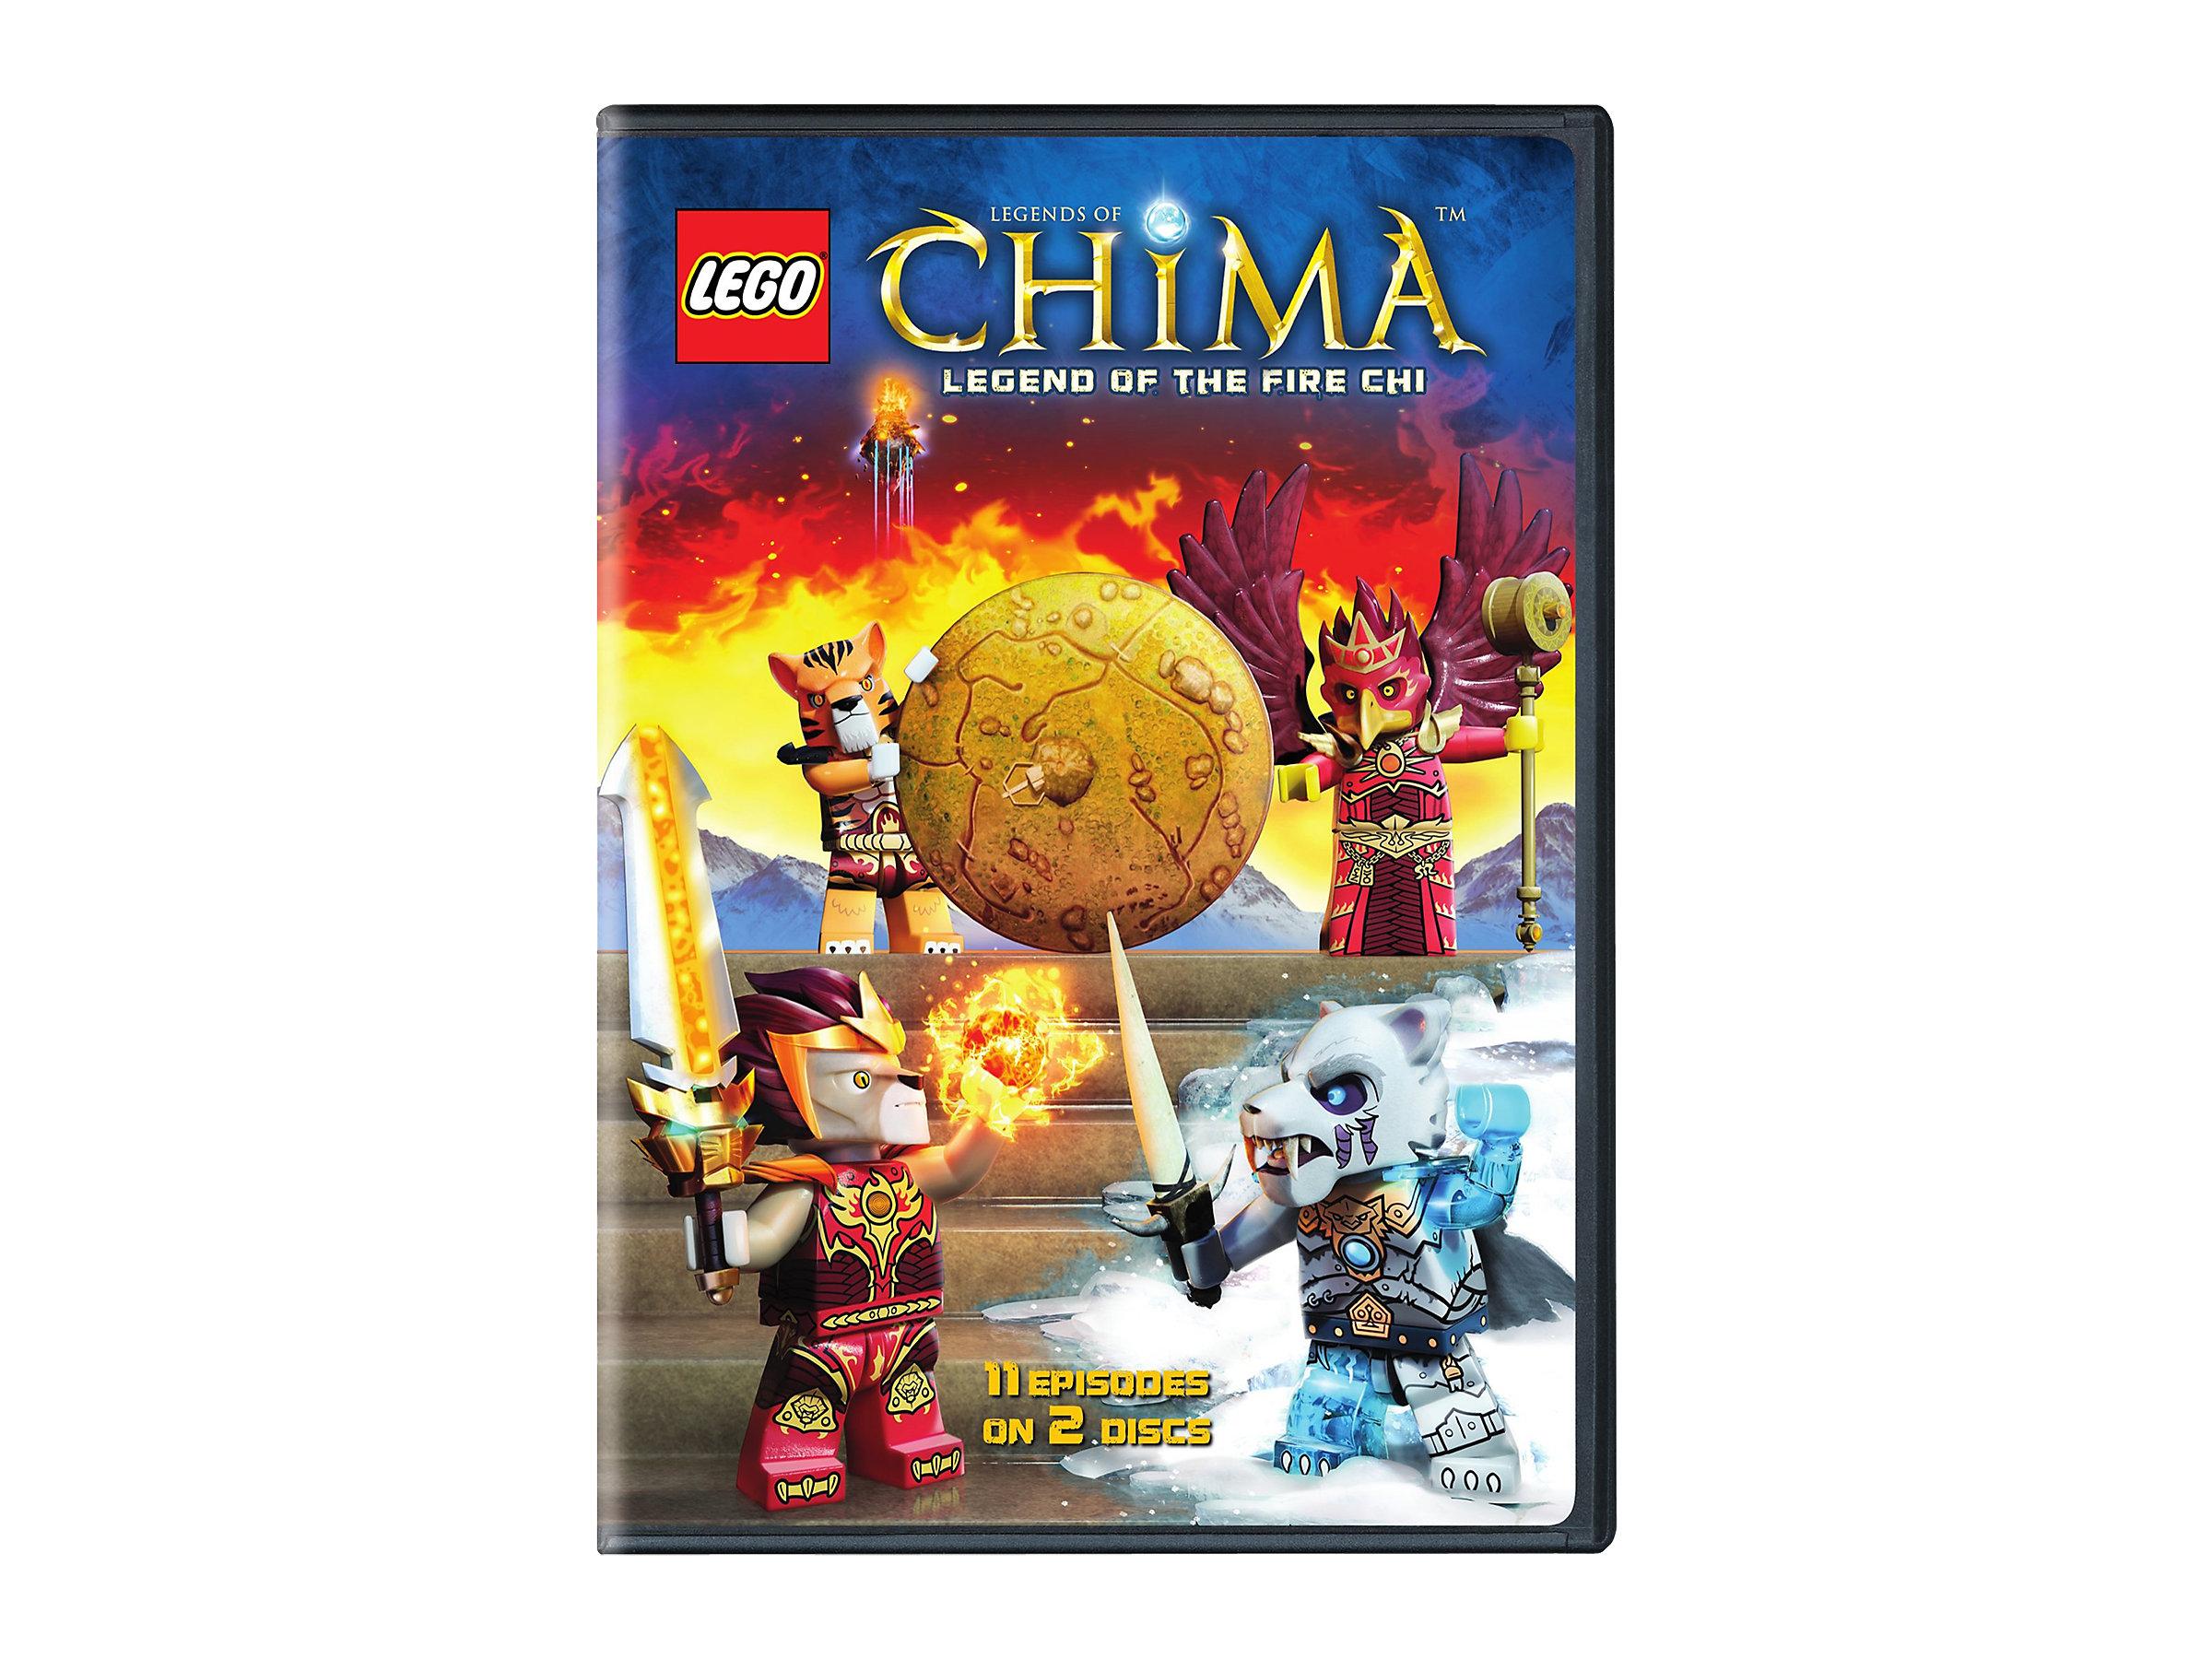 Legends of chima legend of the fire chi season 2 part 2 - Legende de chima saison 2 ...